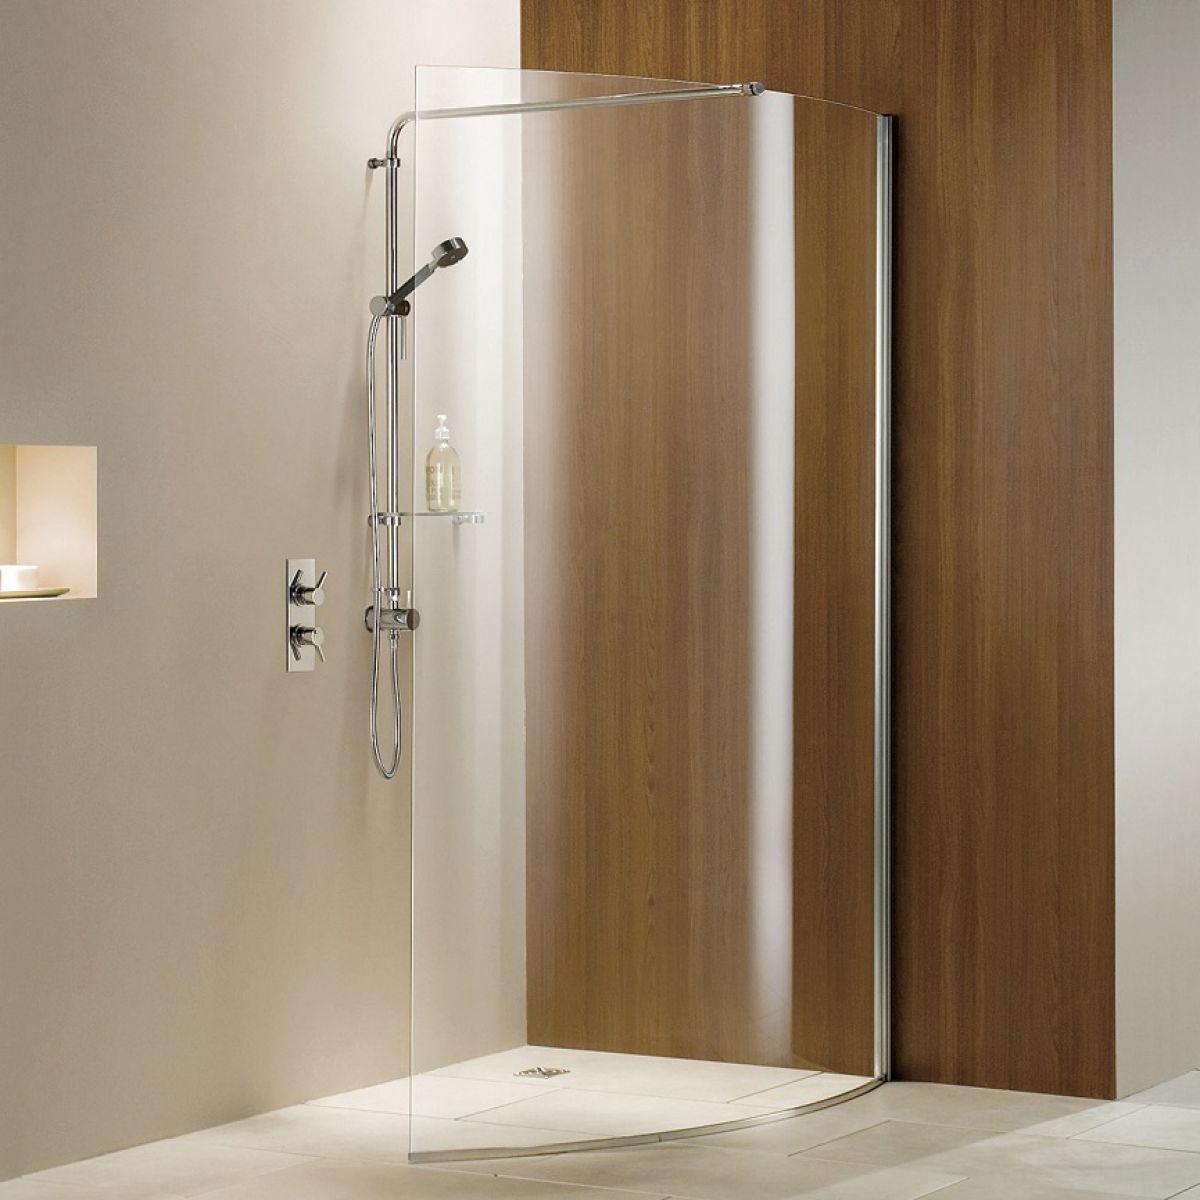 Glass Screens And Door For Wet Rooms